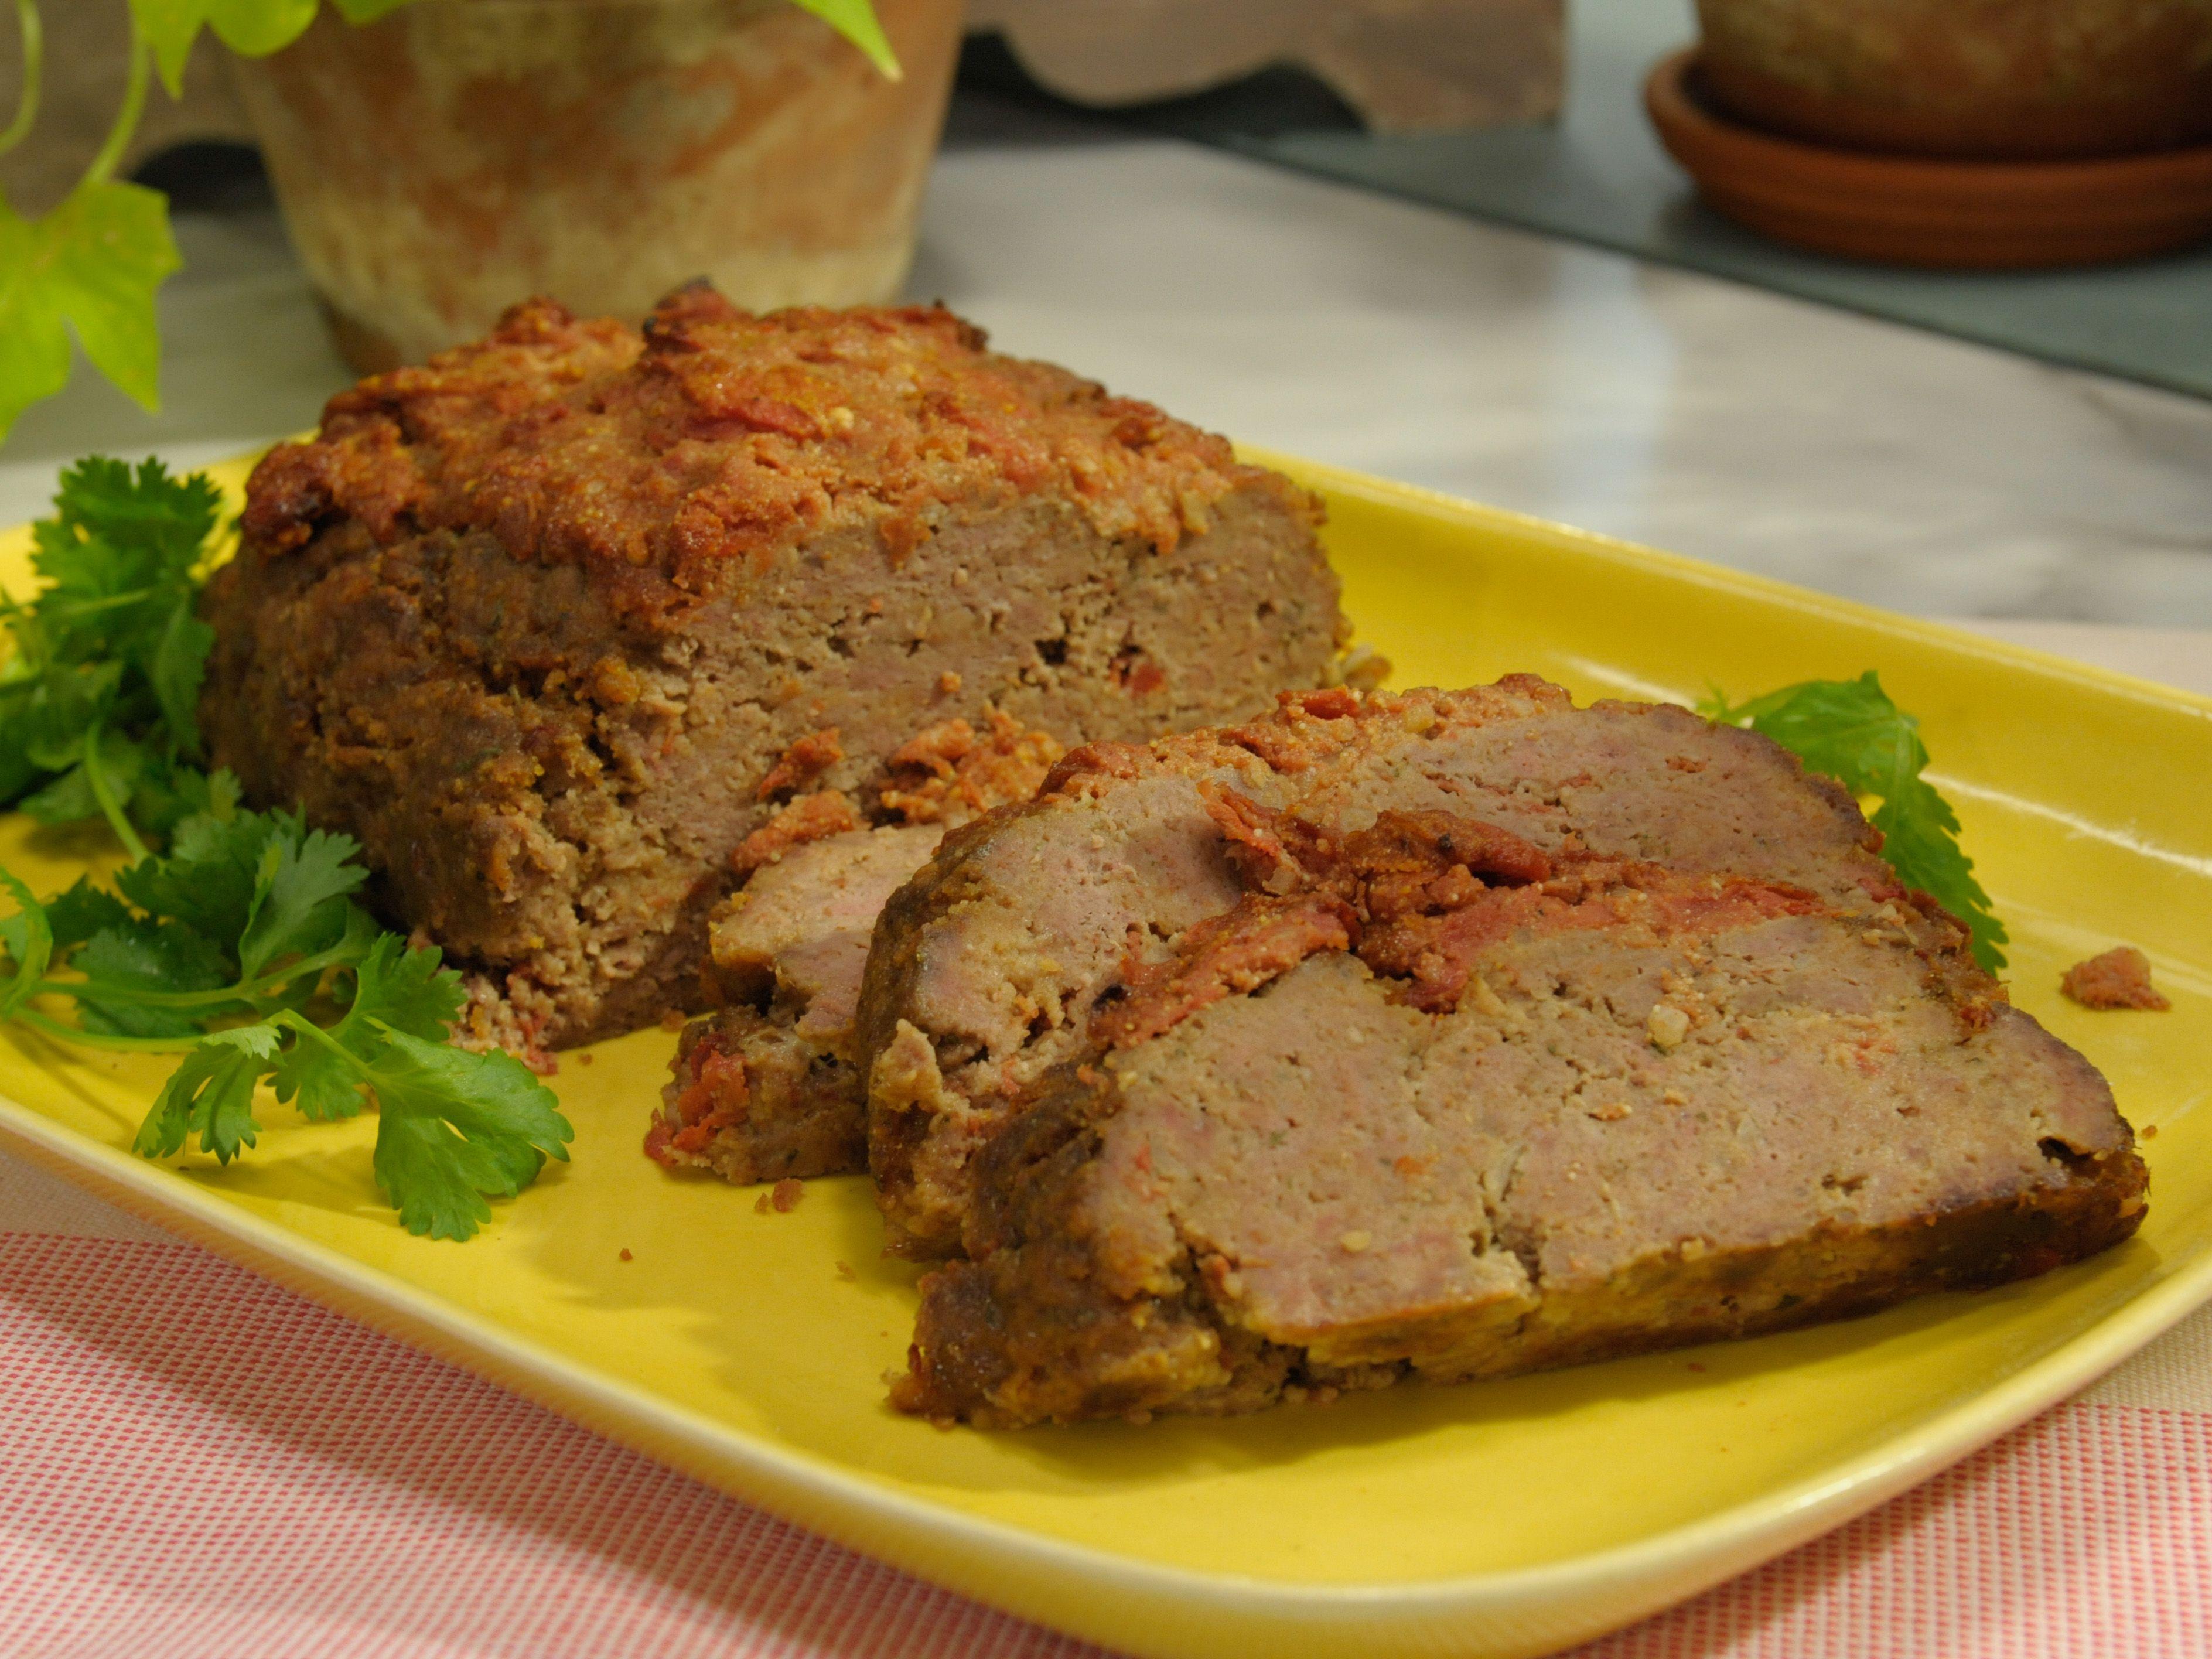 Sunnys nunya business meatloaf recipe sunny anderson meatloaf food network sunnys nunya business meatloaf forumfinder Gallery